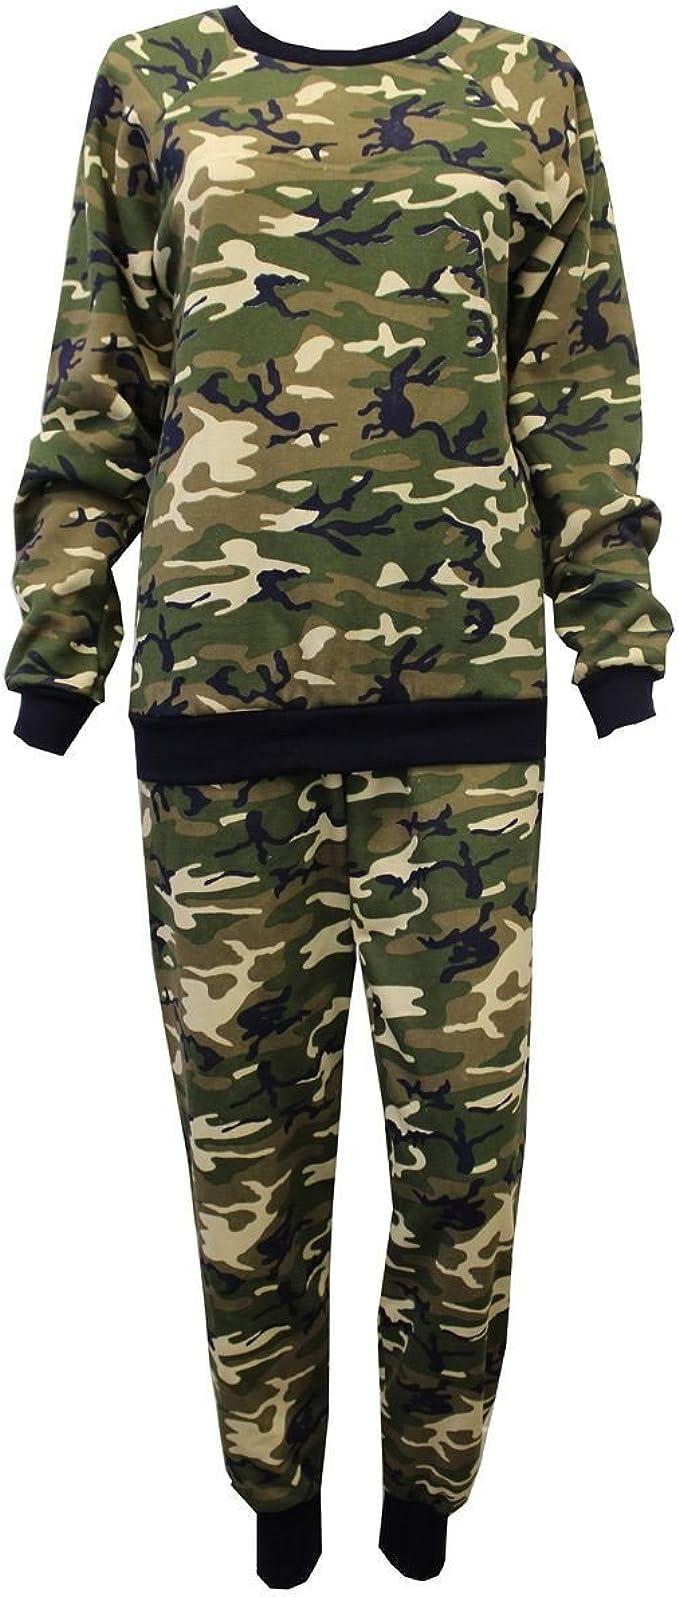 Pantalones de Deporte para Mujer Traje de Neopreno para Mujer ...